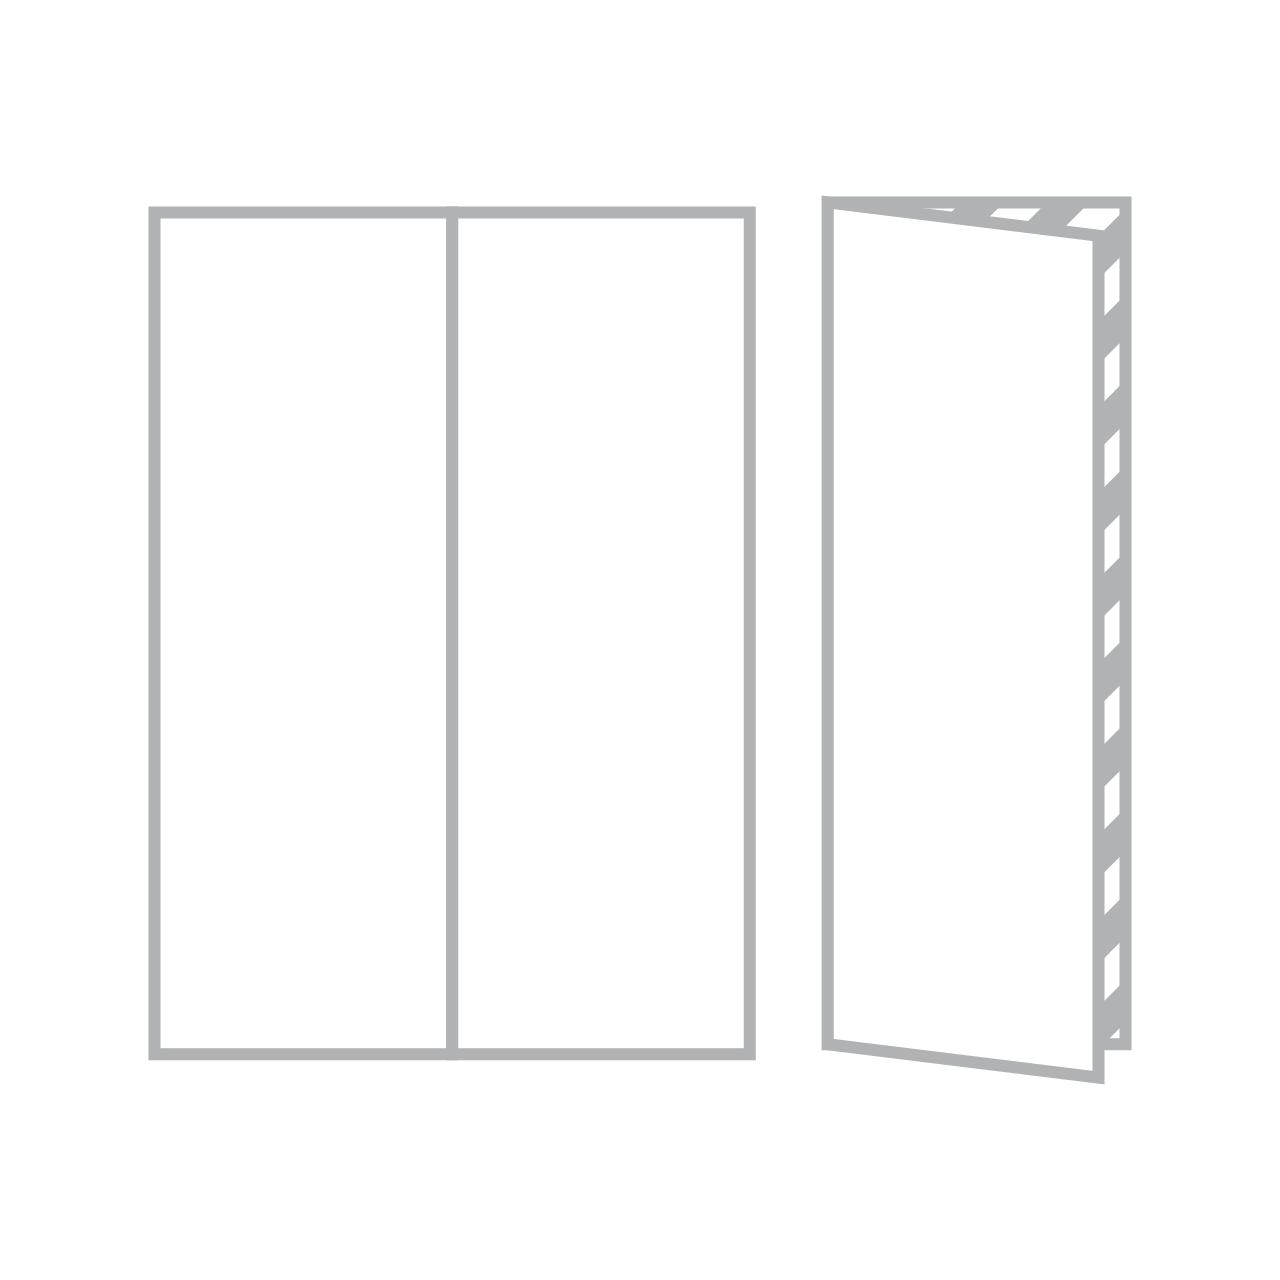 Illustrationen_Karten_1-2_A4_HF_RF589a223db63e0